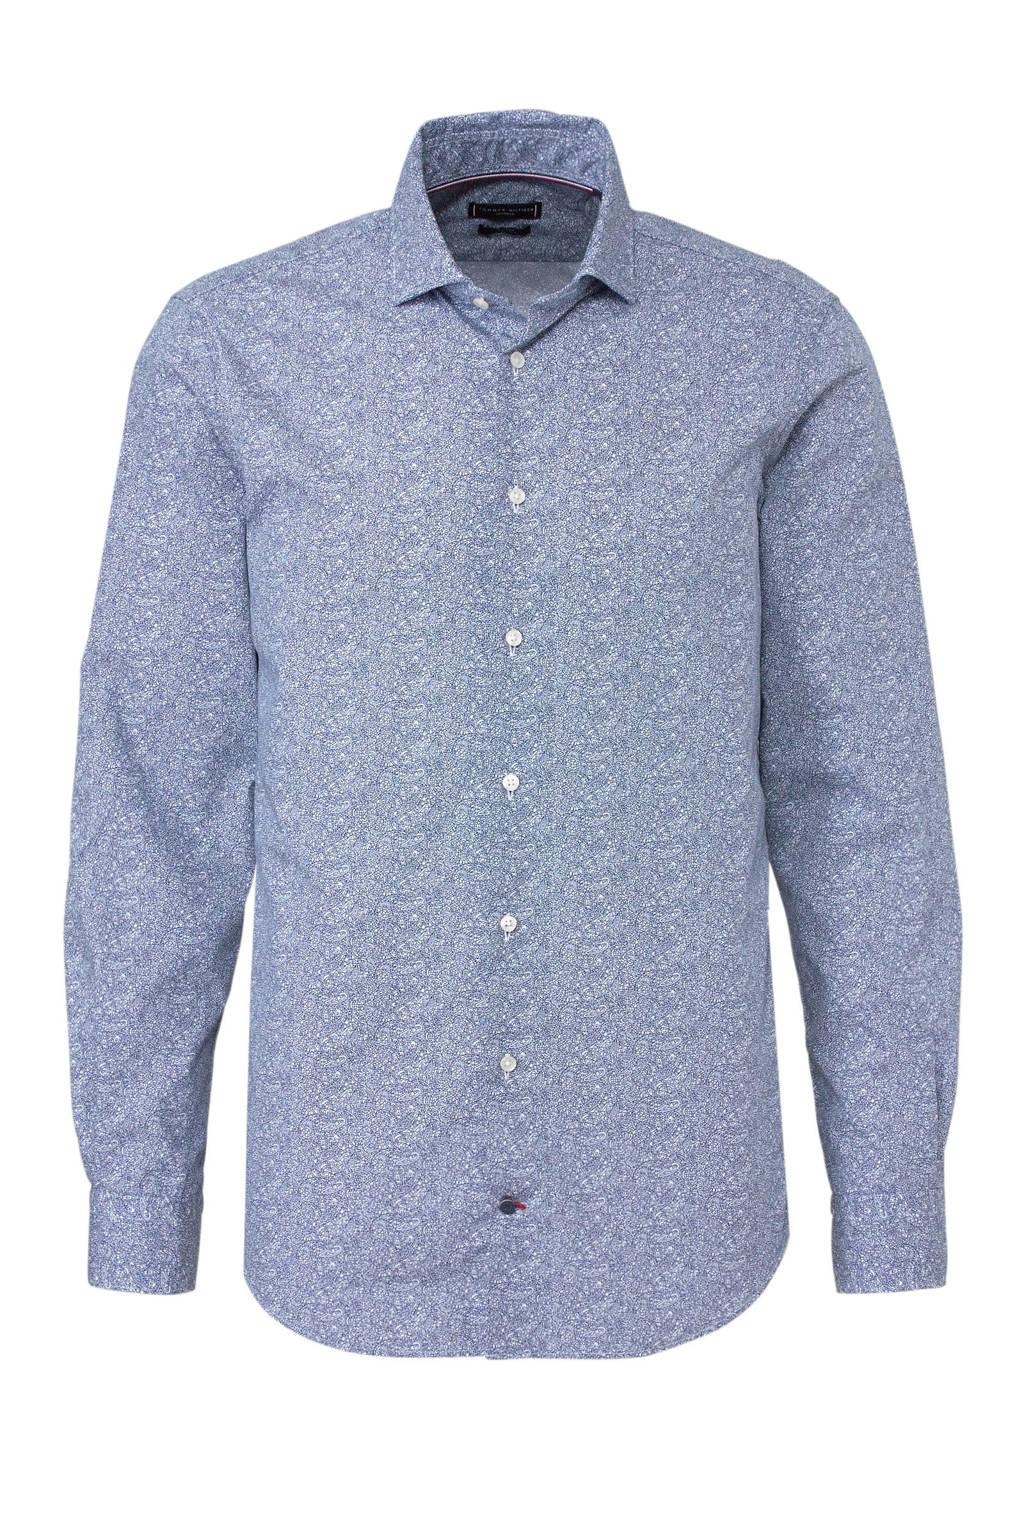 Tommy Hilfiger Tailored slim fit overhemd met print blauw, Blauw/wit